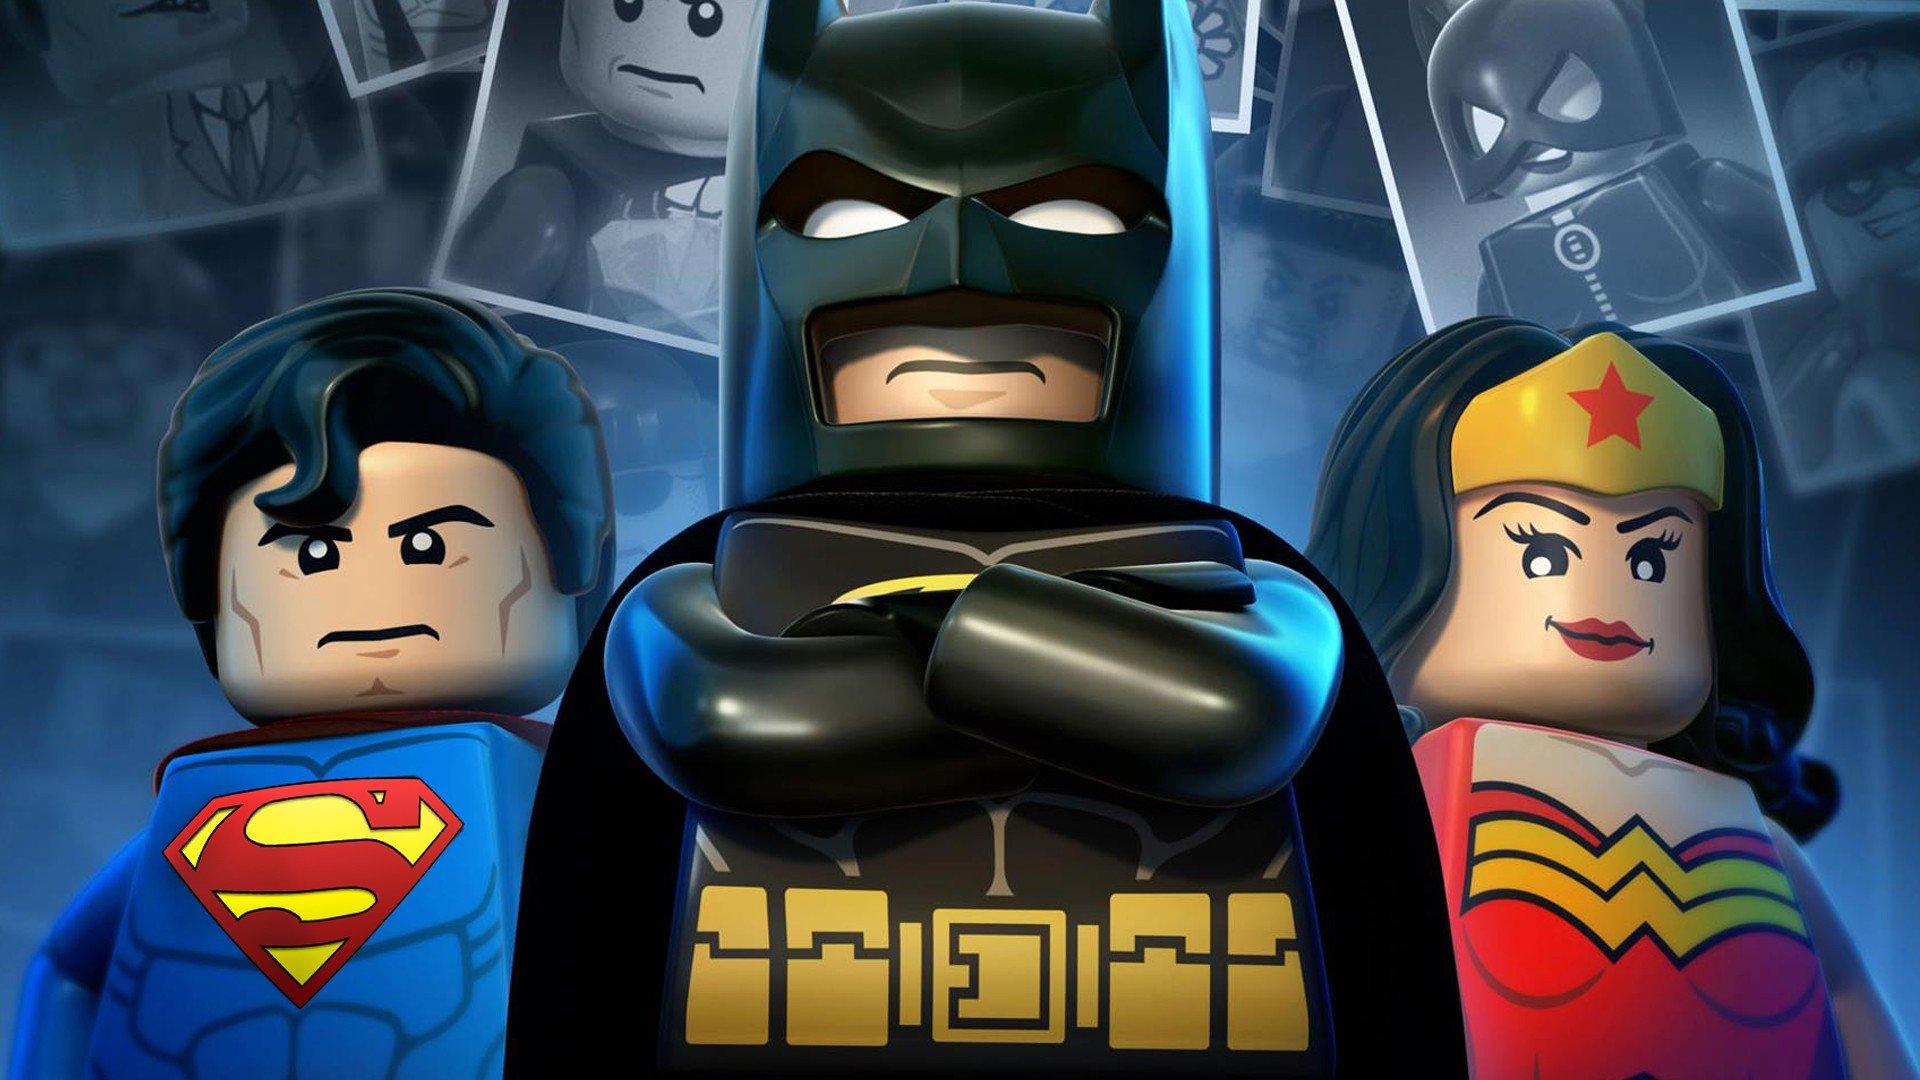 Мультфильмы Lego DC/Marvel [spoiler alert]. - Изображение 1